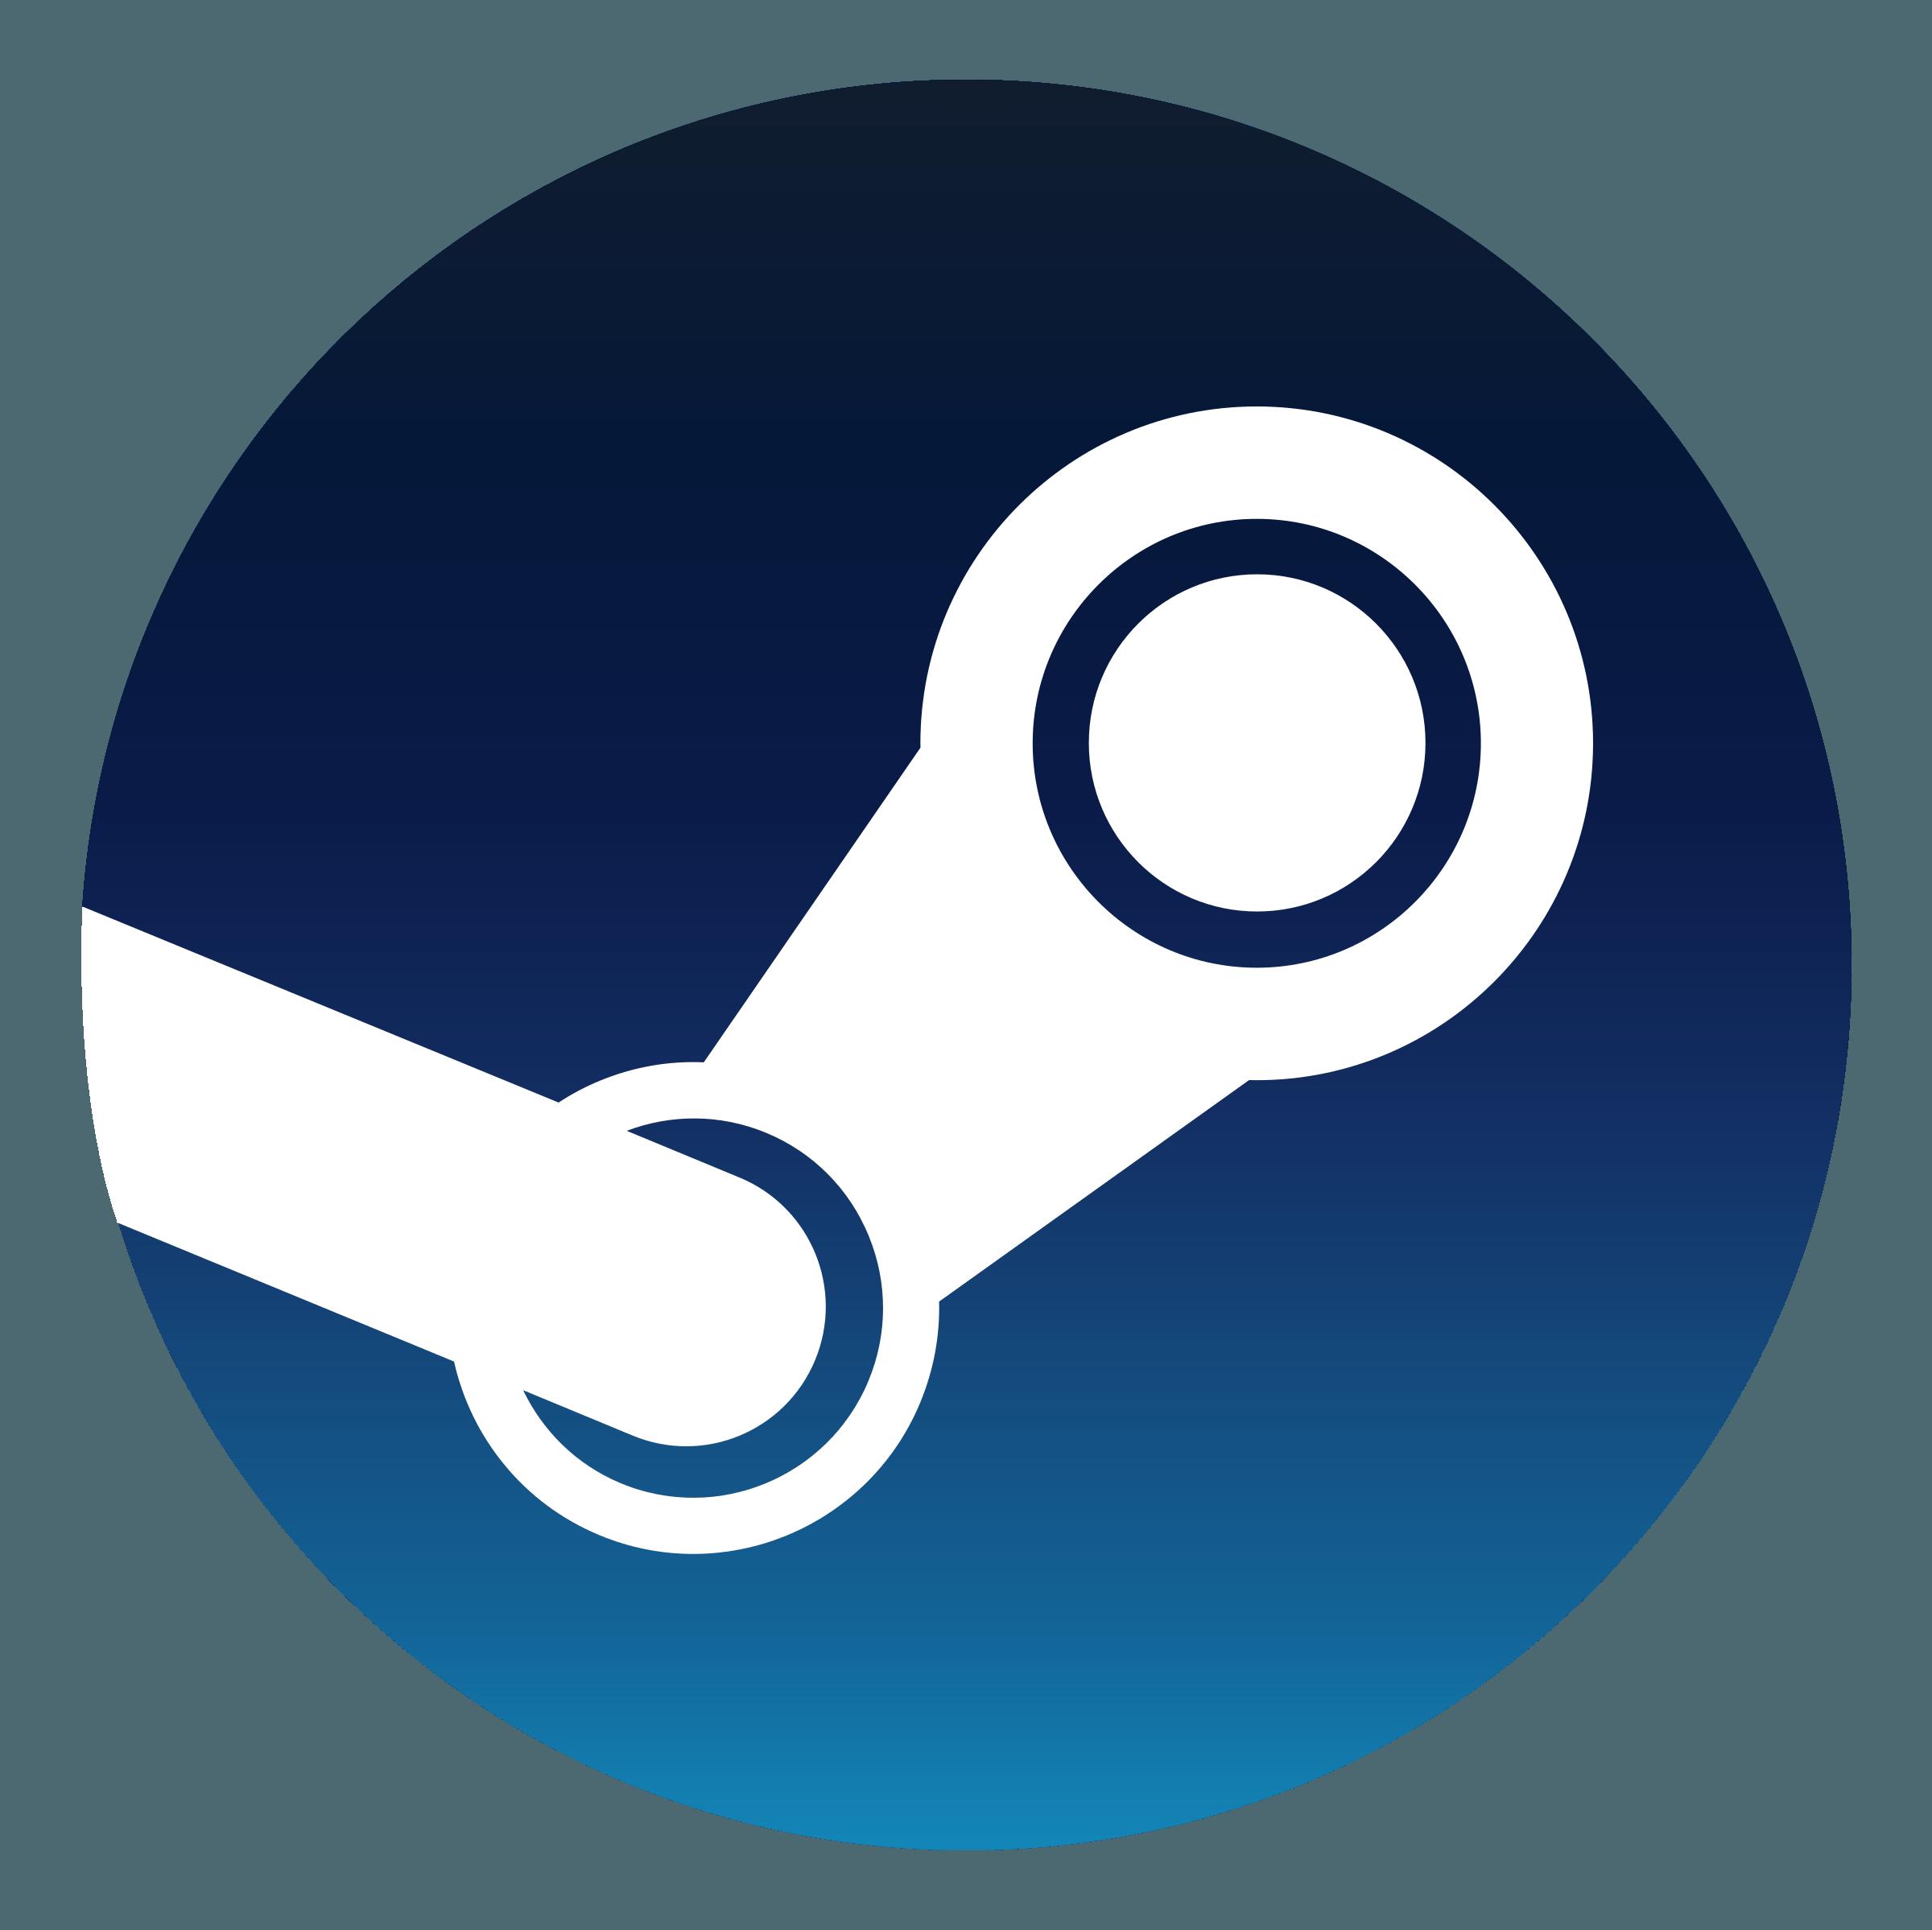 steam-logo-transparent